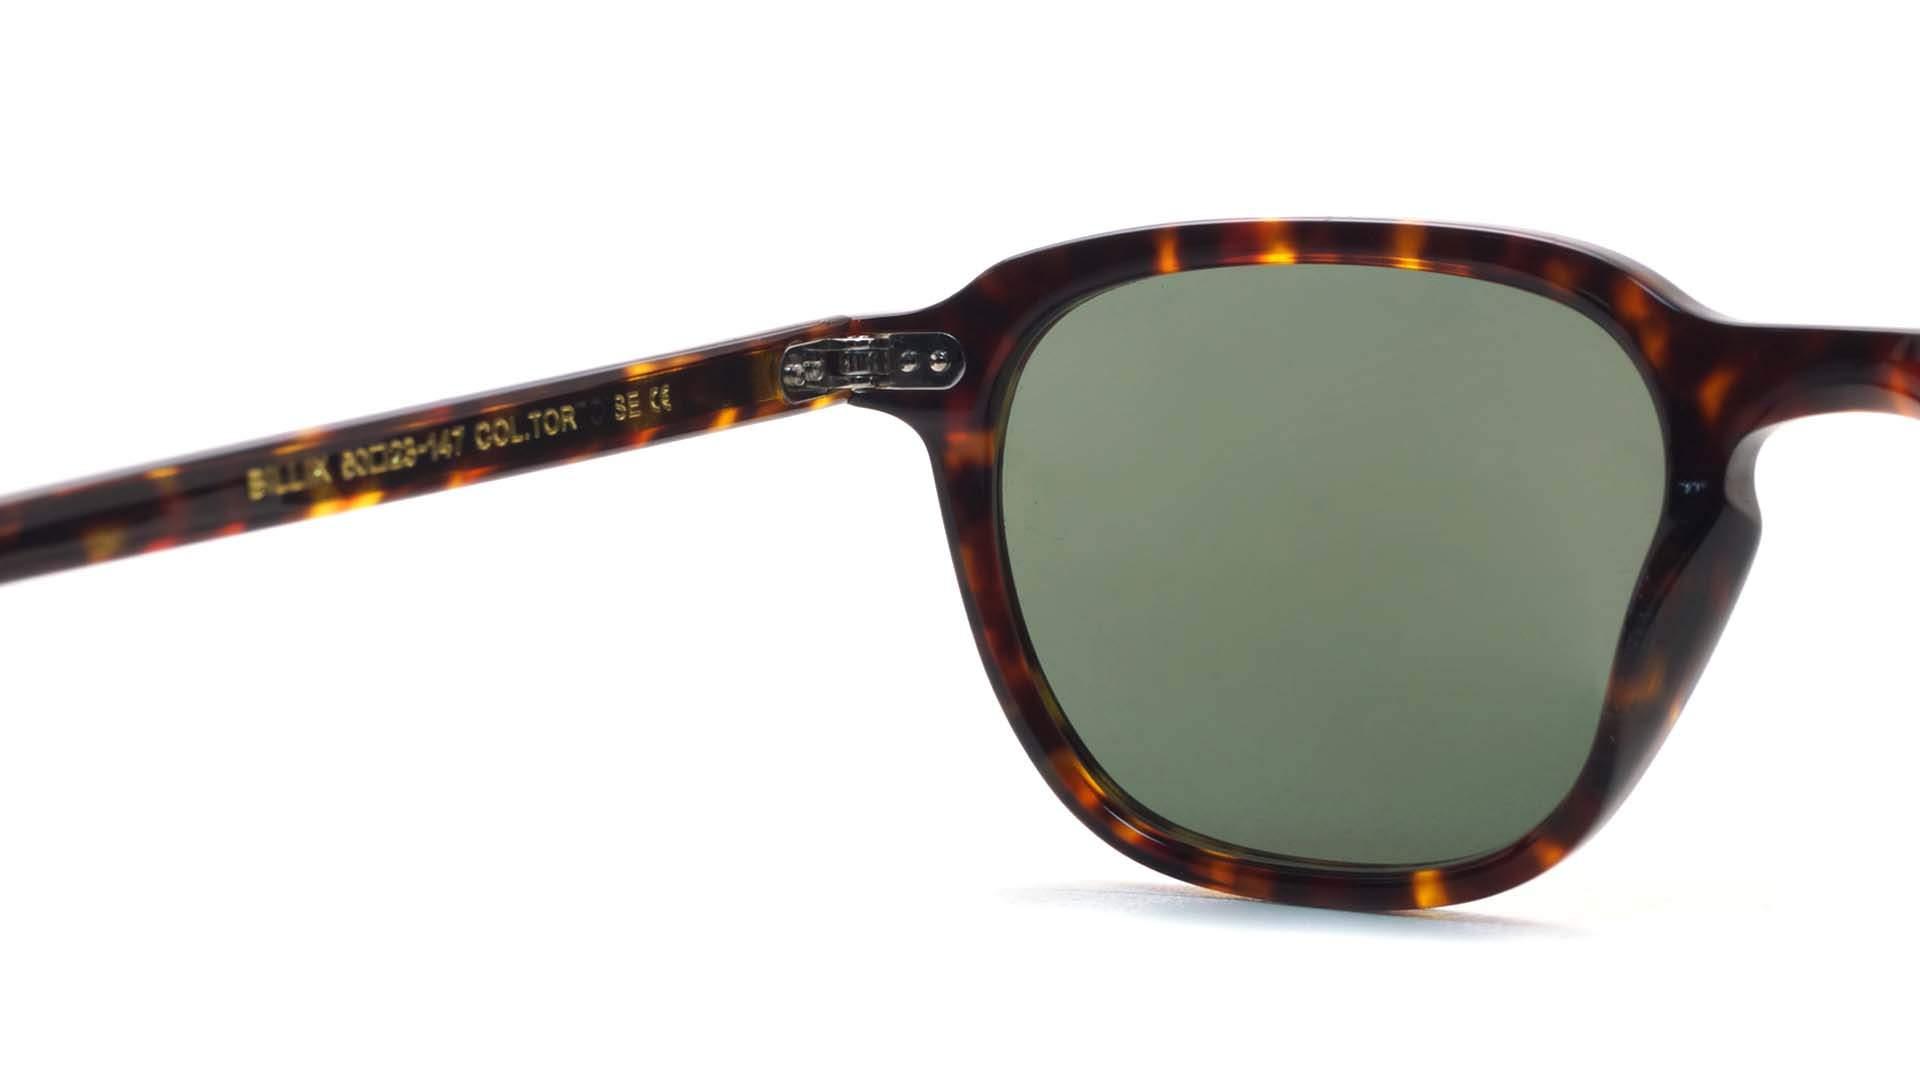 533c2fc2f Sunglasses Moscot Billik Tortoise G15 BIL 2002-50-AC-SUN-02 50-23 Medium